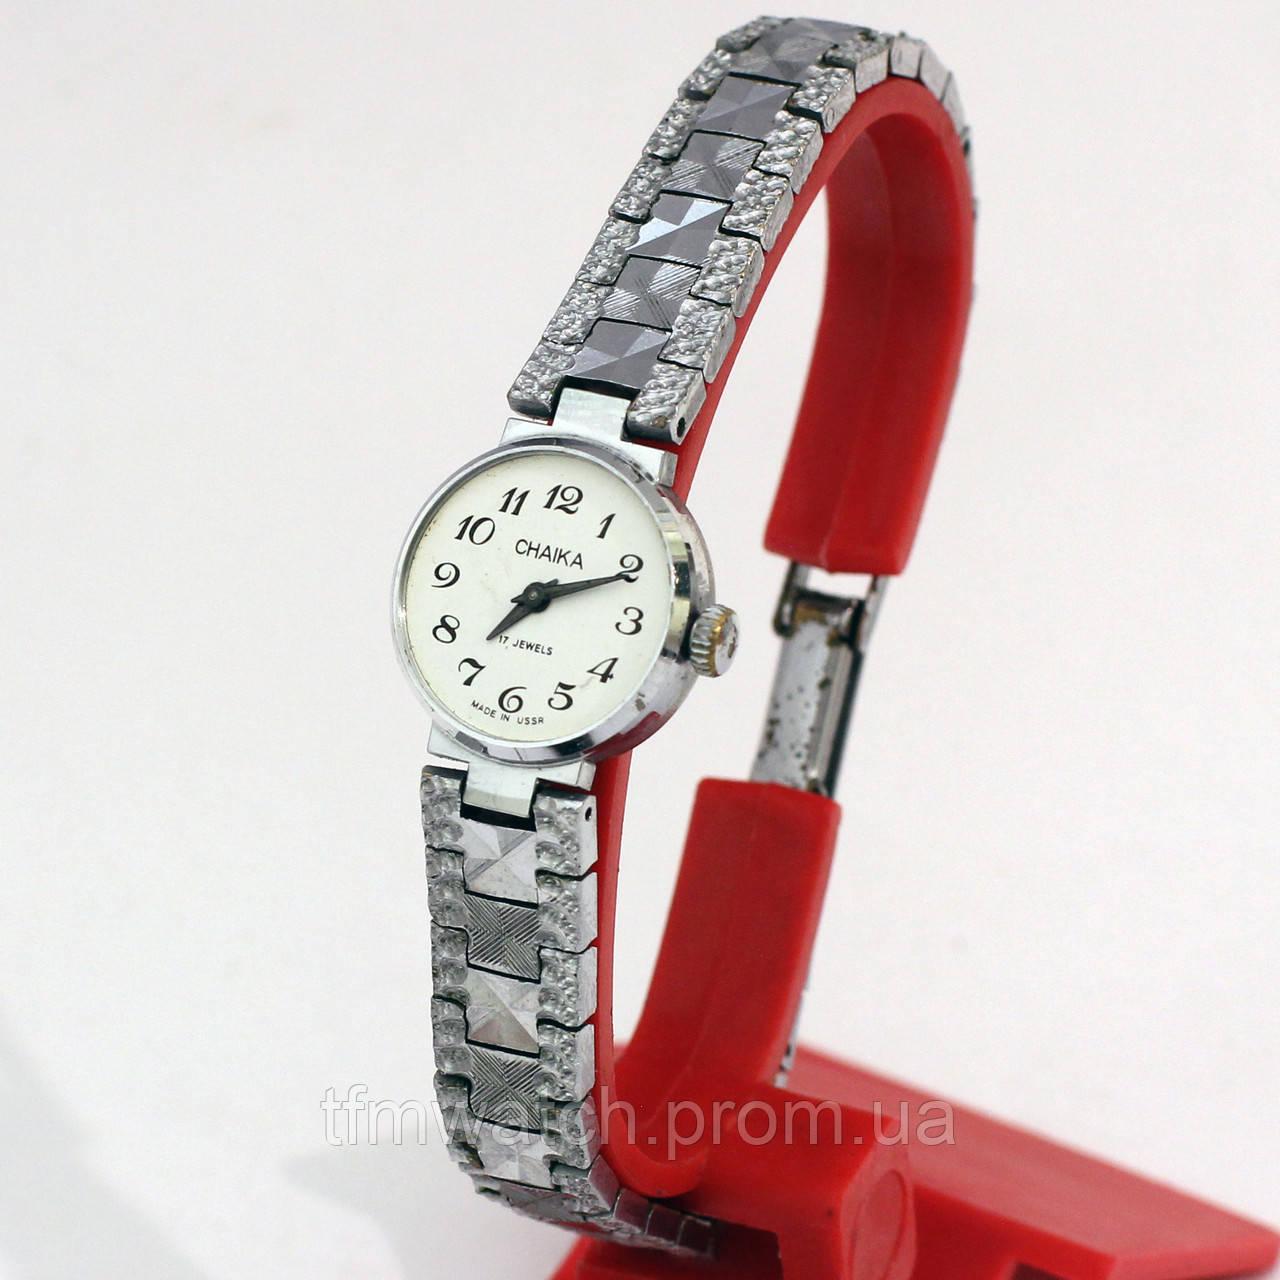 Chaika женские часы СССР